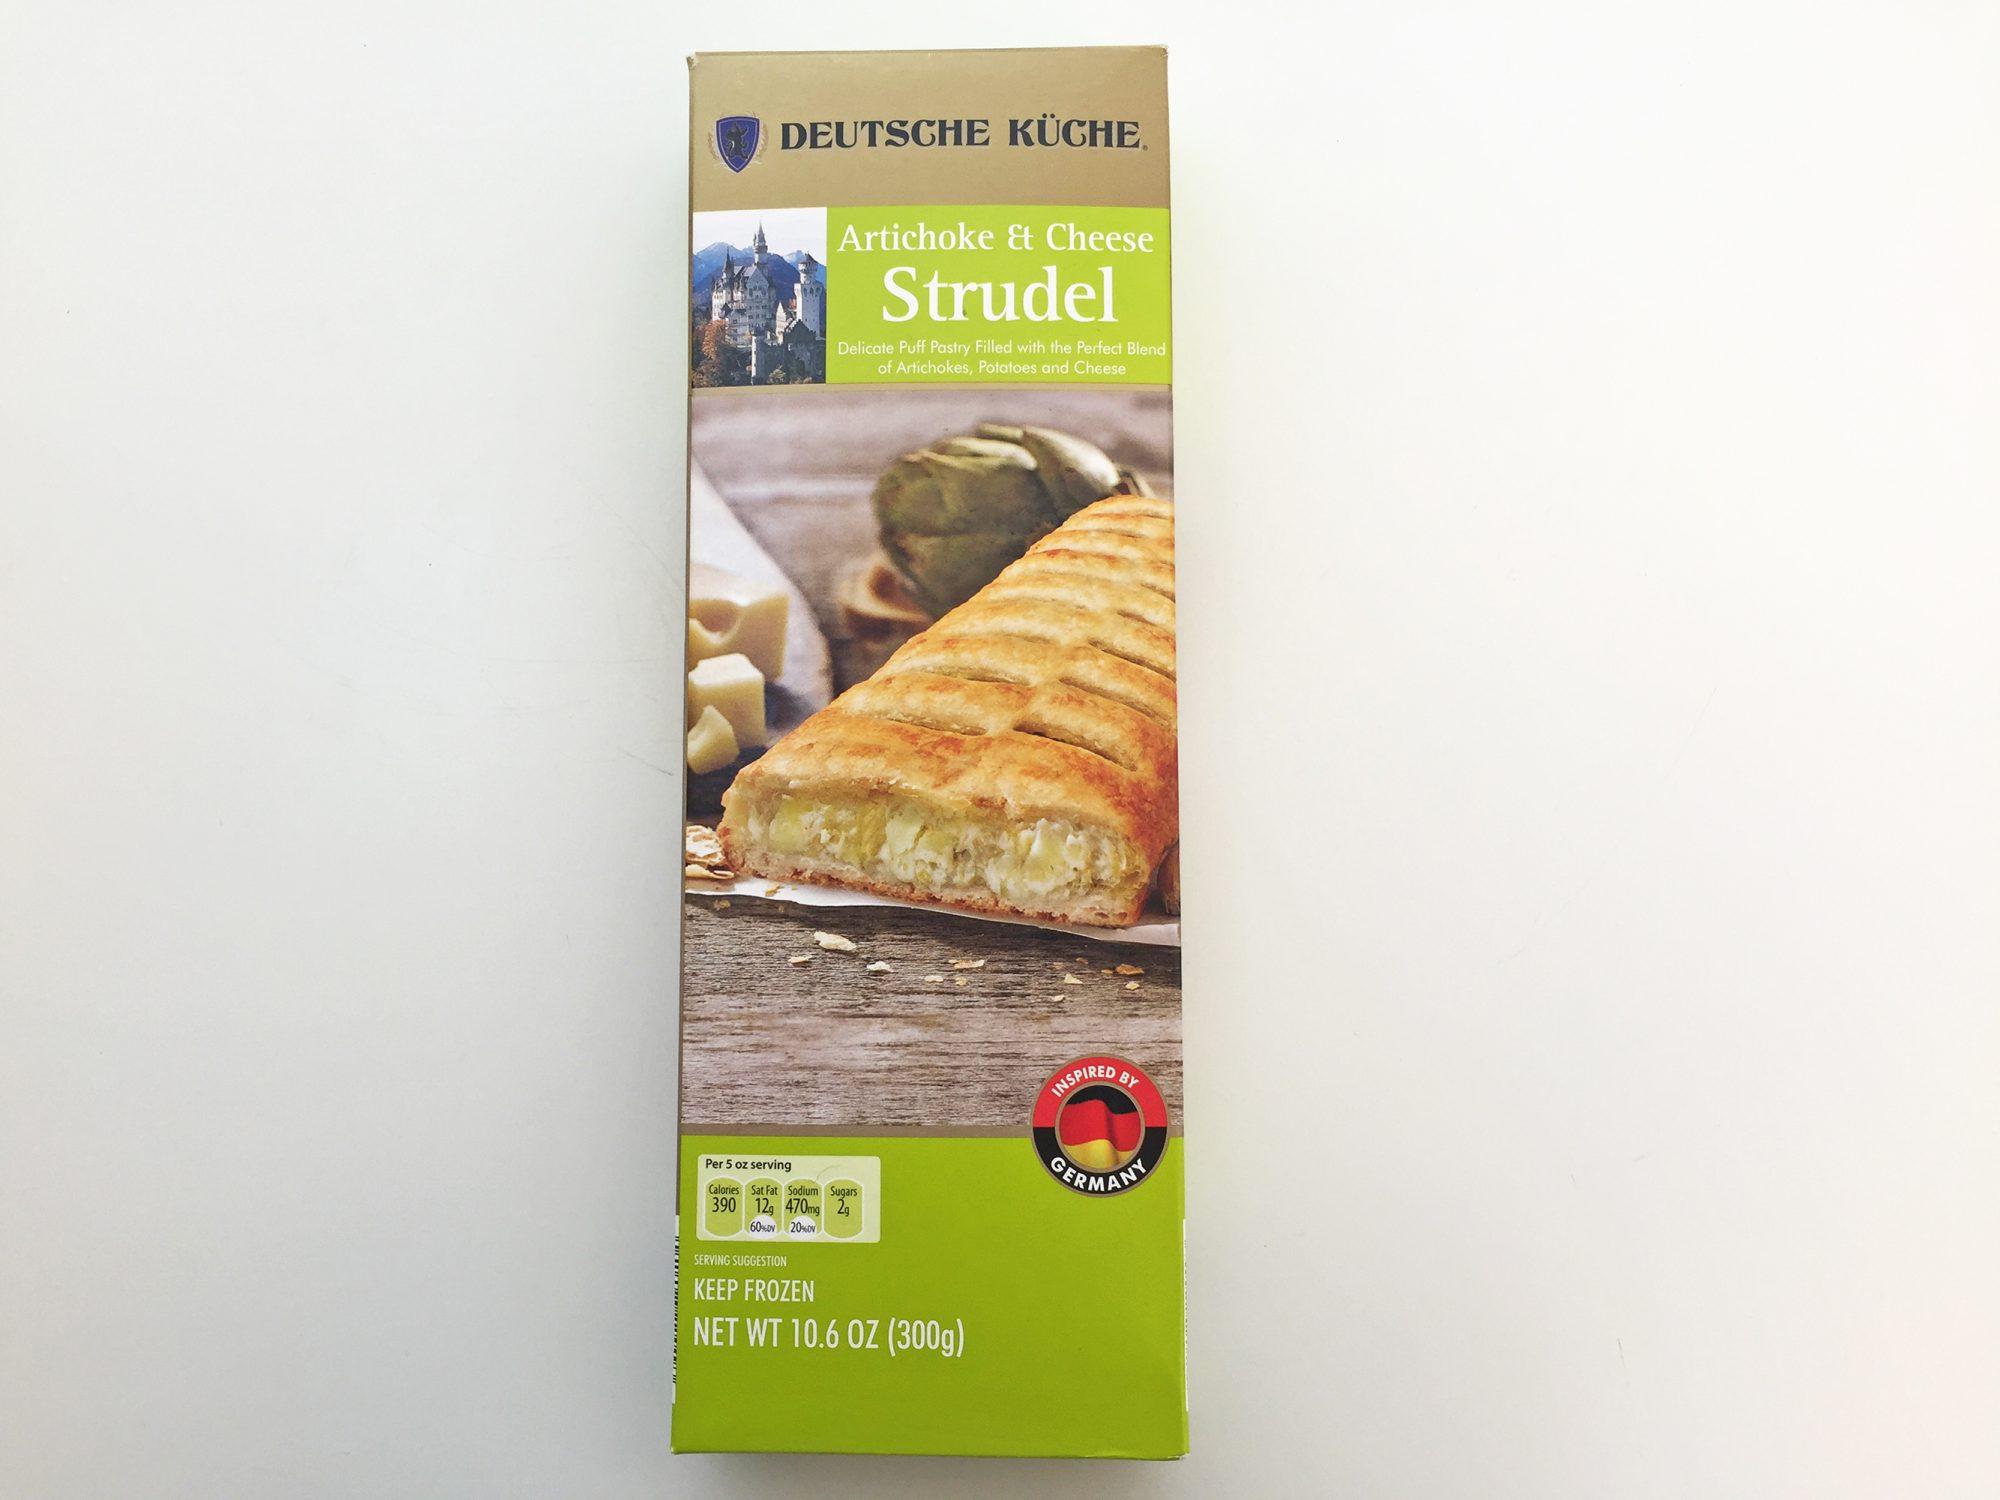 artichoke-cheese-strudel-image